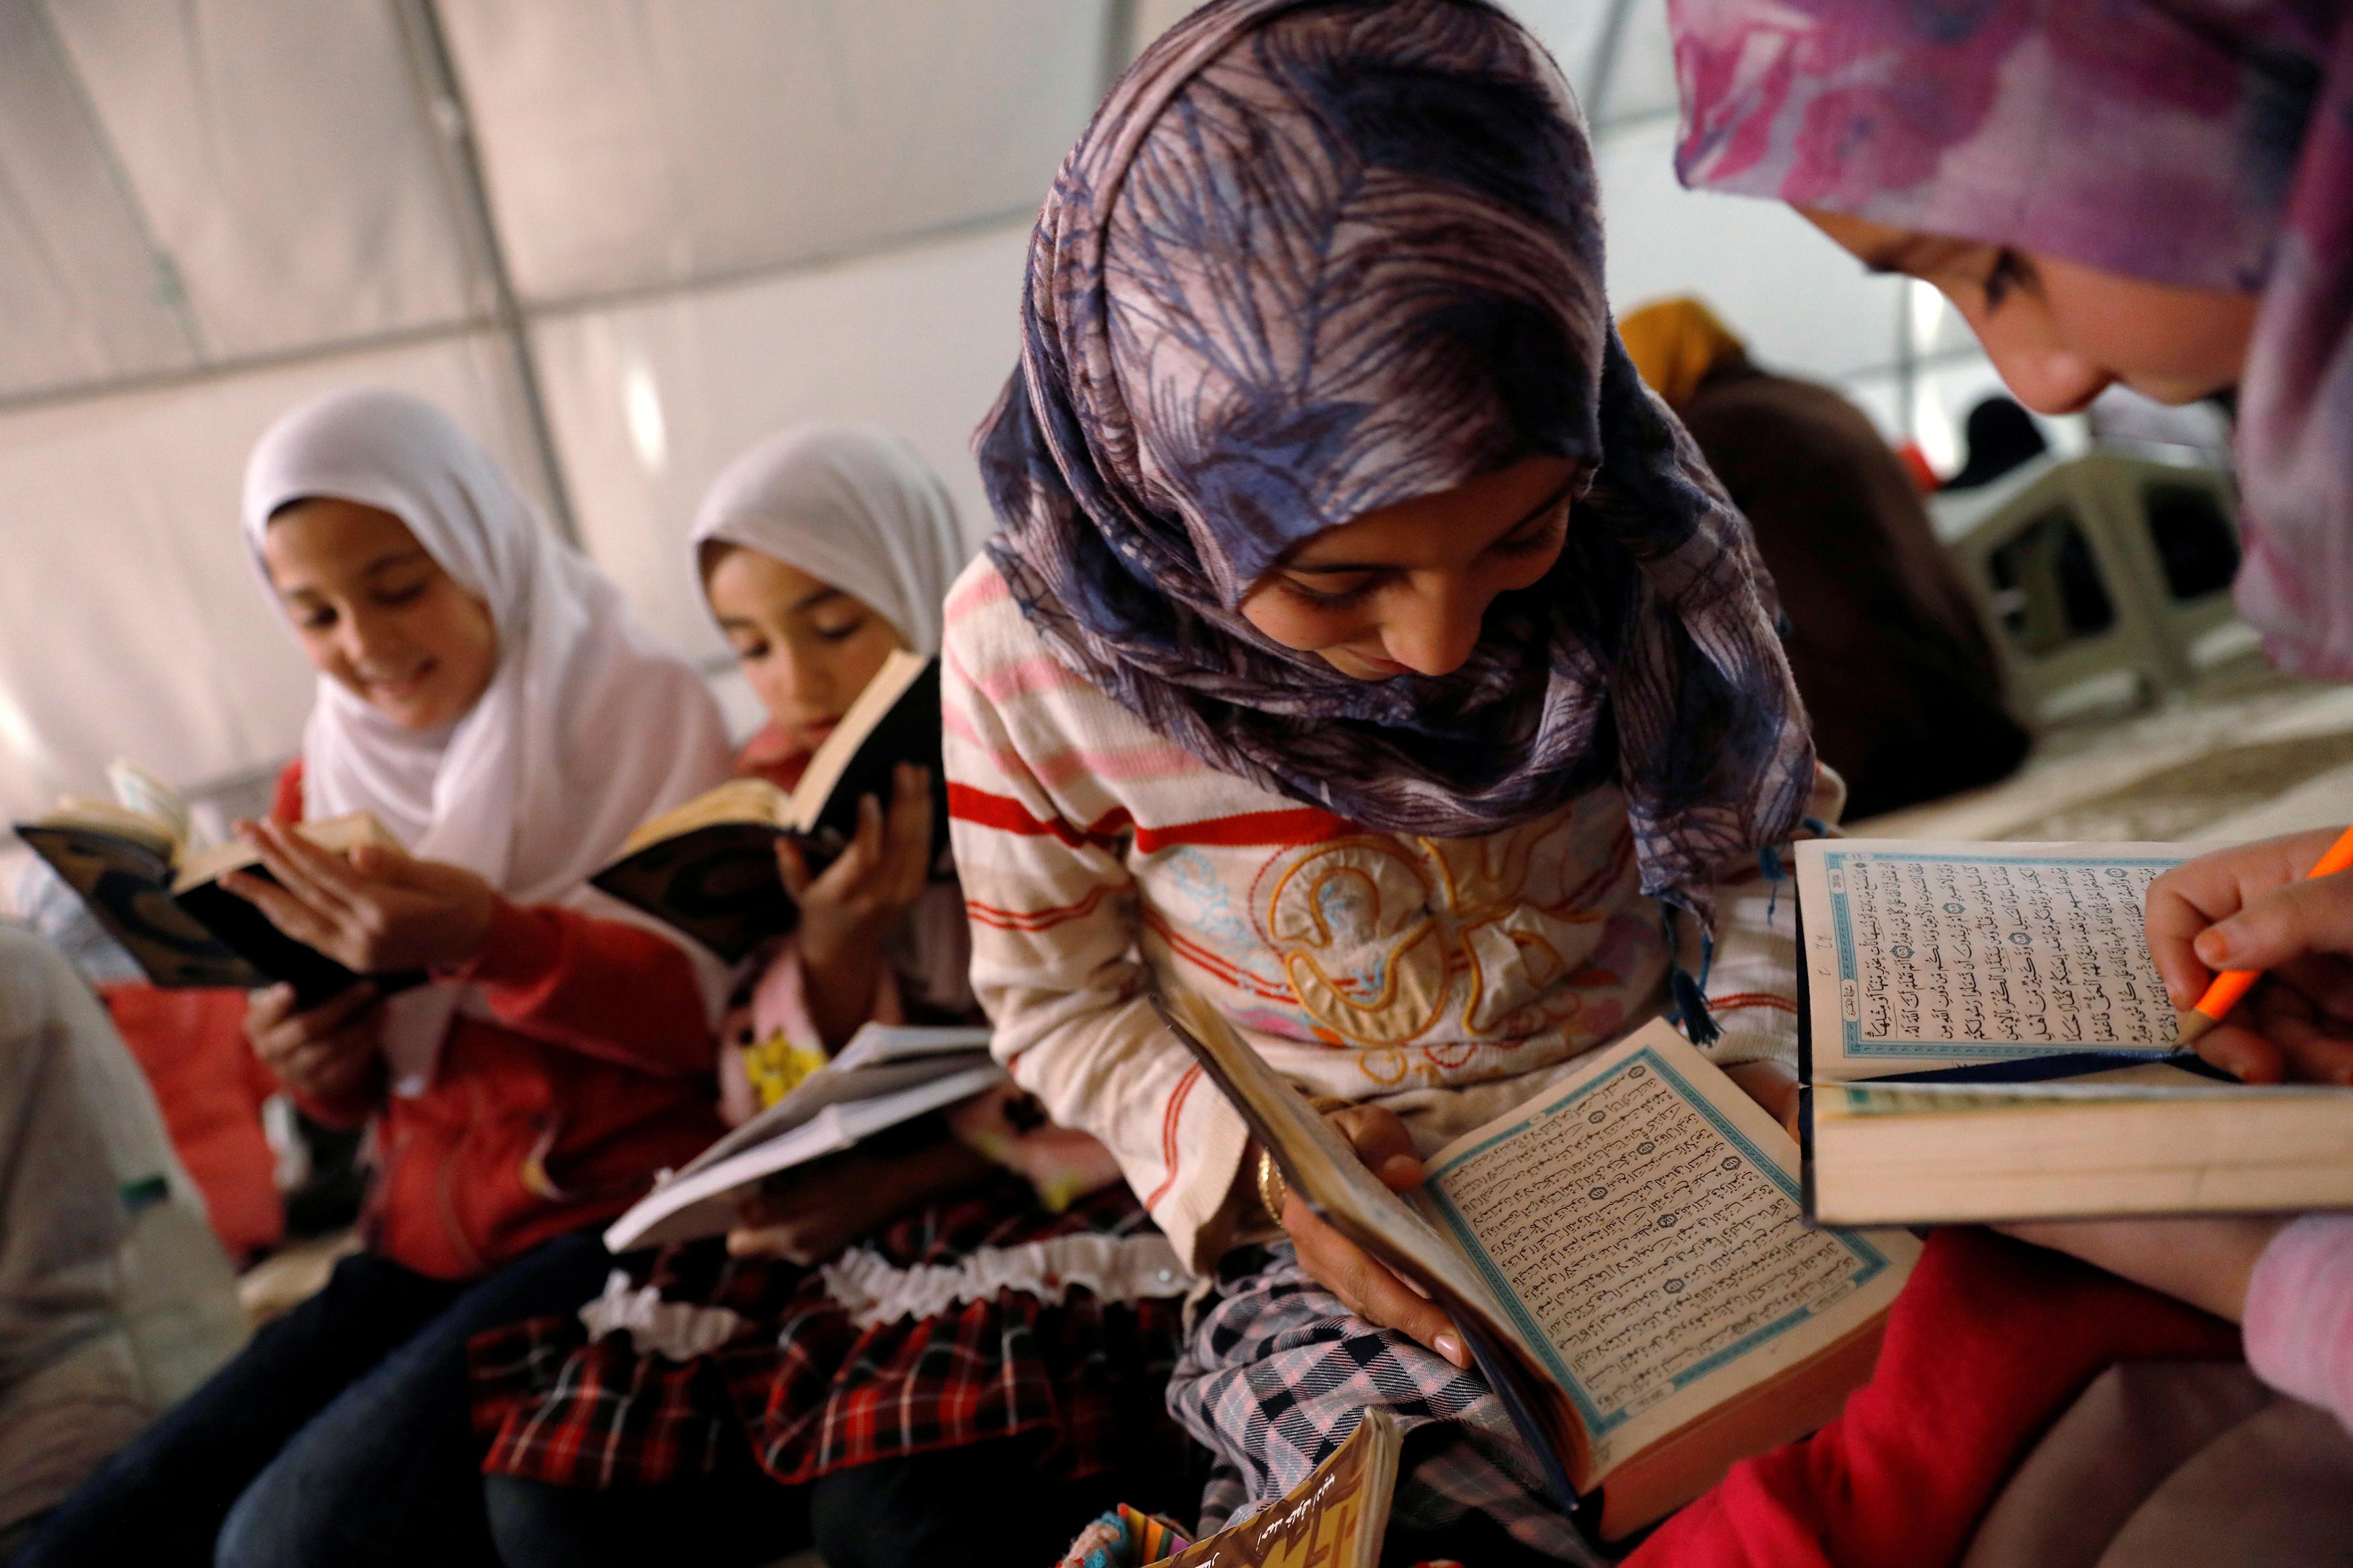 Syrian refugee girls study Koran in a mosque in Nizip refugee camp, near the Turkish-Syrian border in Gaziantep province, Turkey, November 30, 2016. REUTERS/Umit Bektas - RTSU1Q2